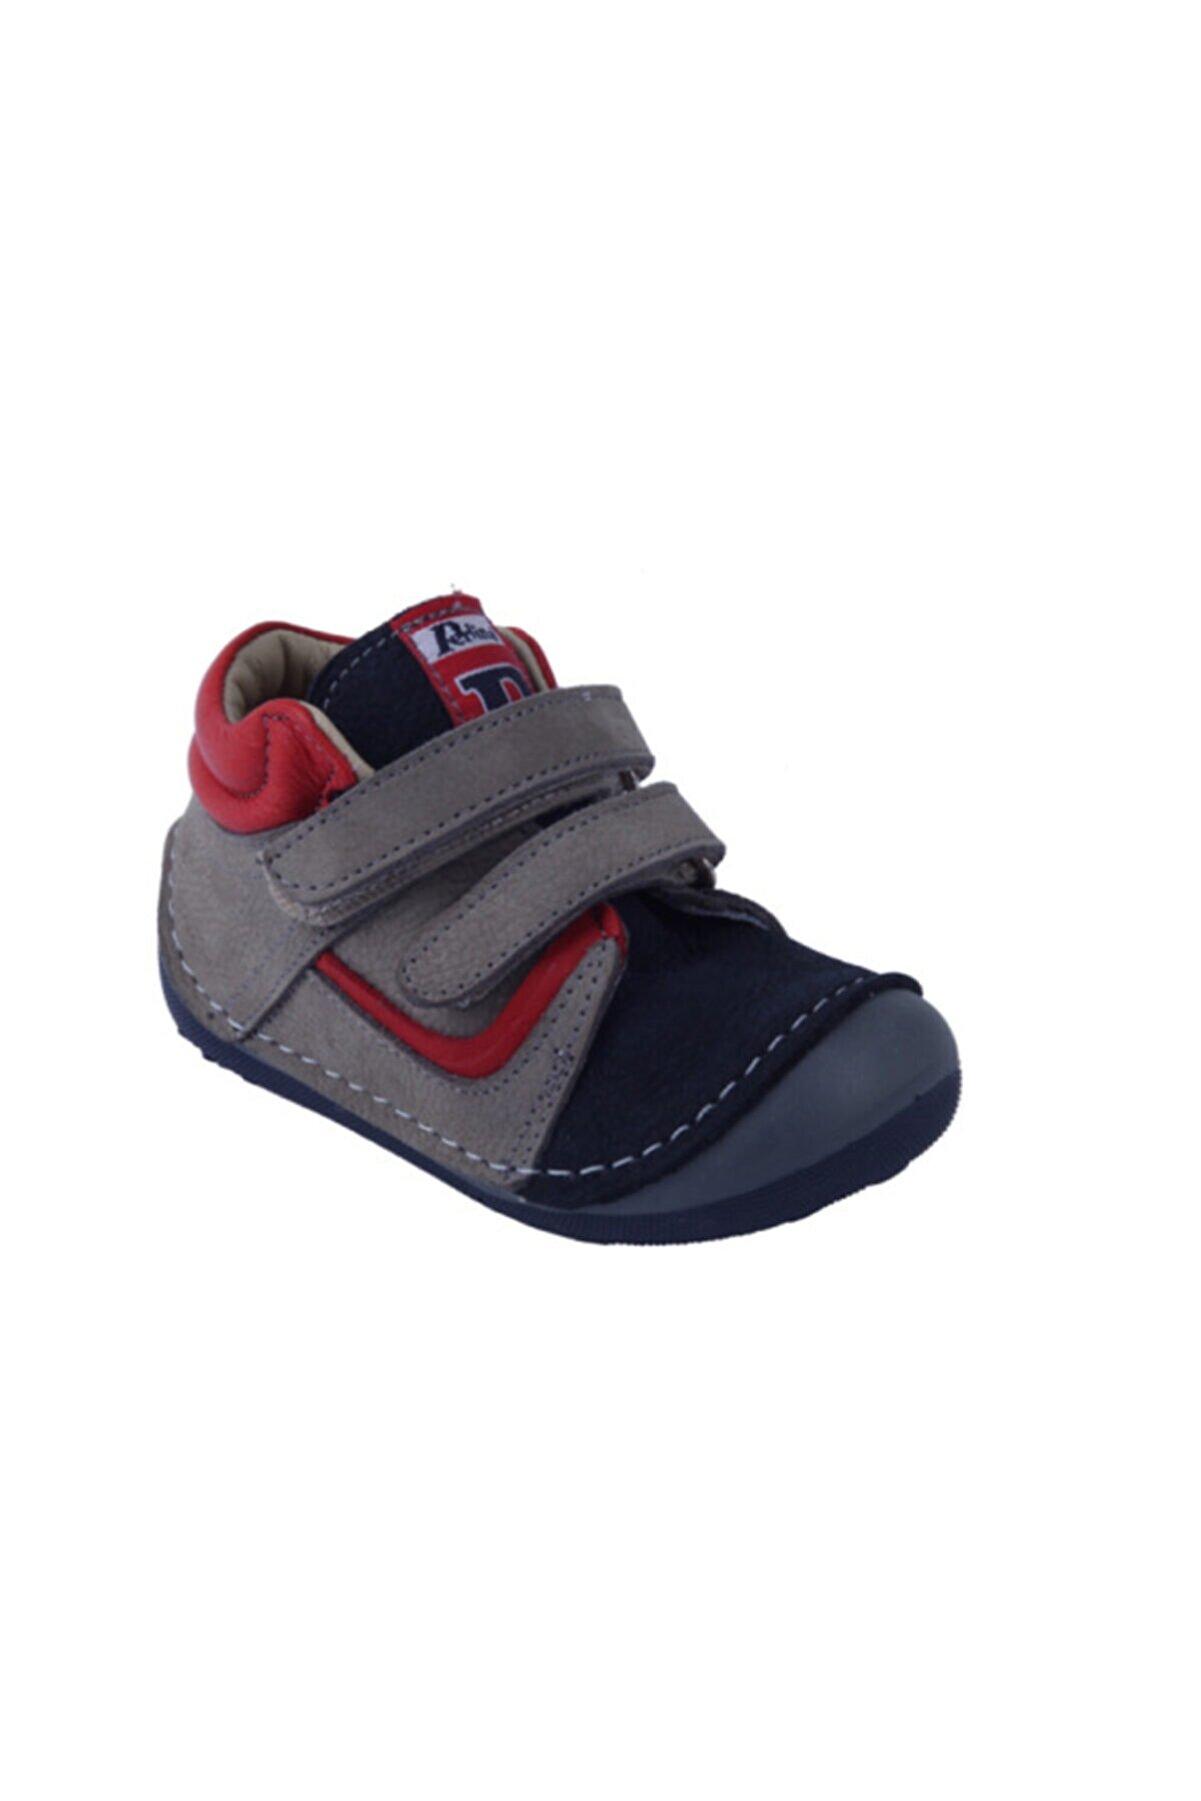 Perlina 00100 Deri Ortopedik Destekli Ilk Adım Ayakkabısı 19-21